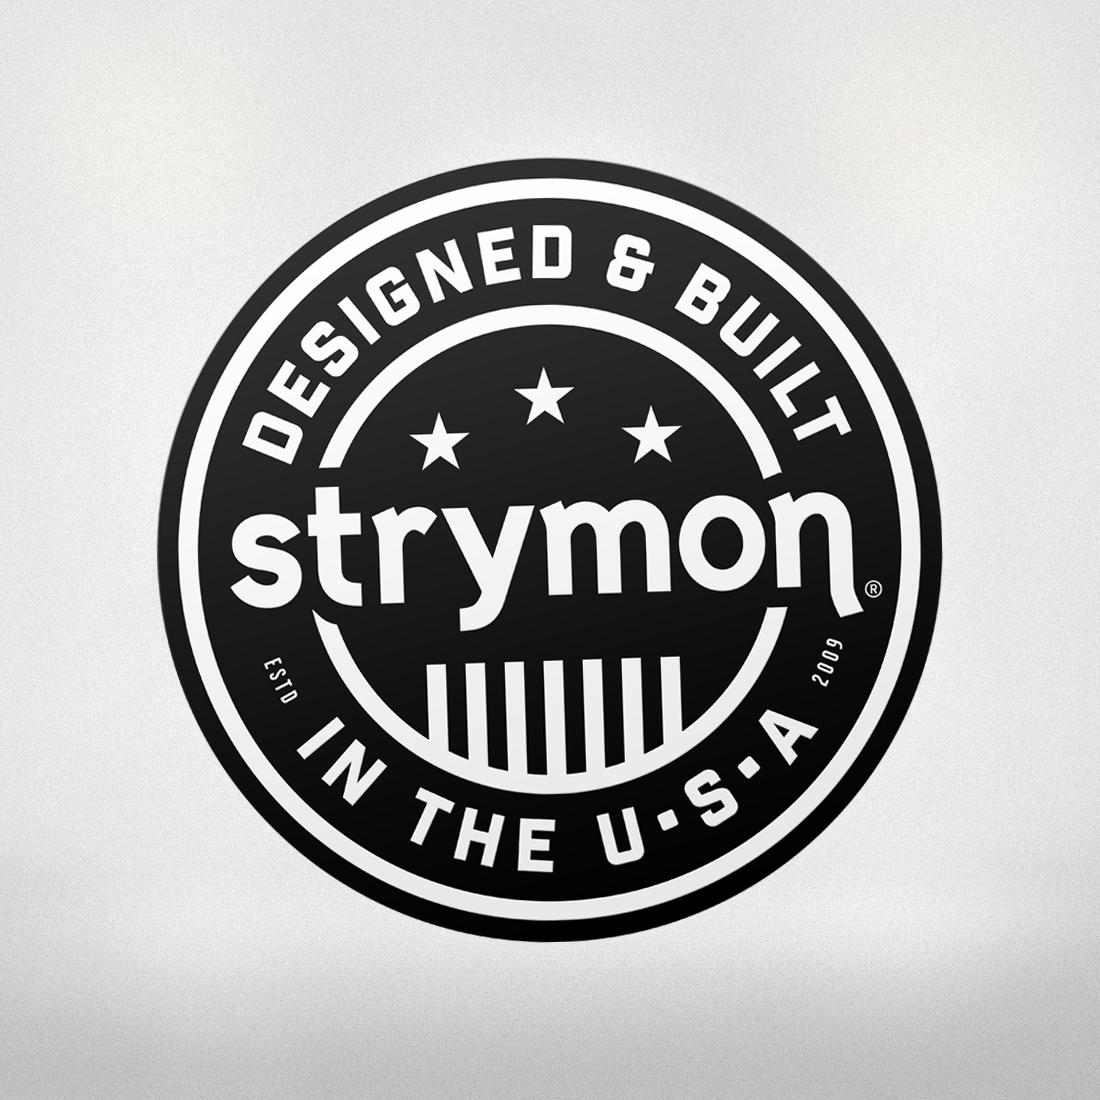 STRYMON USA STICKER